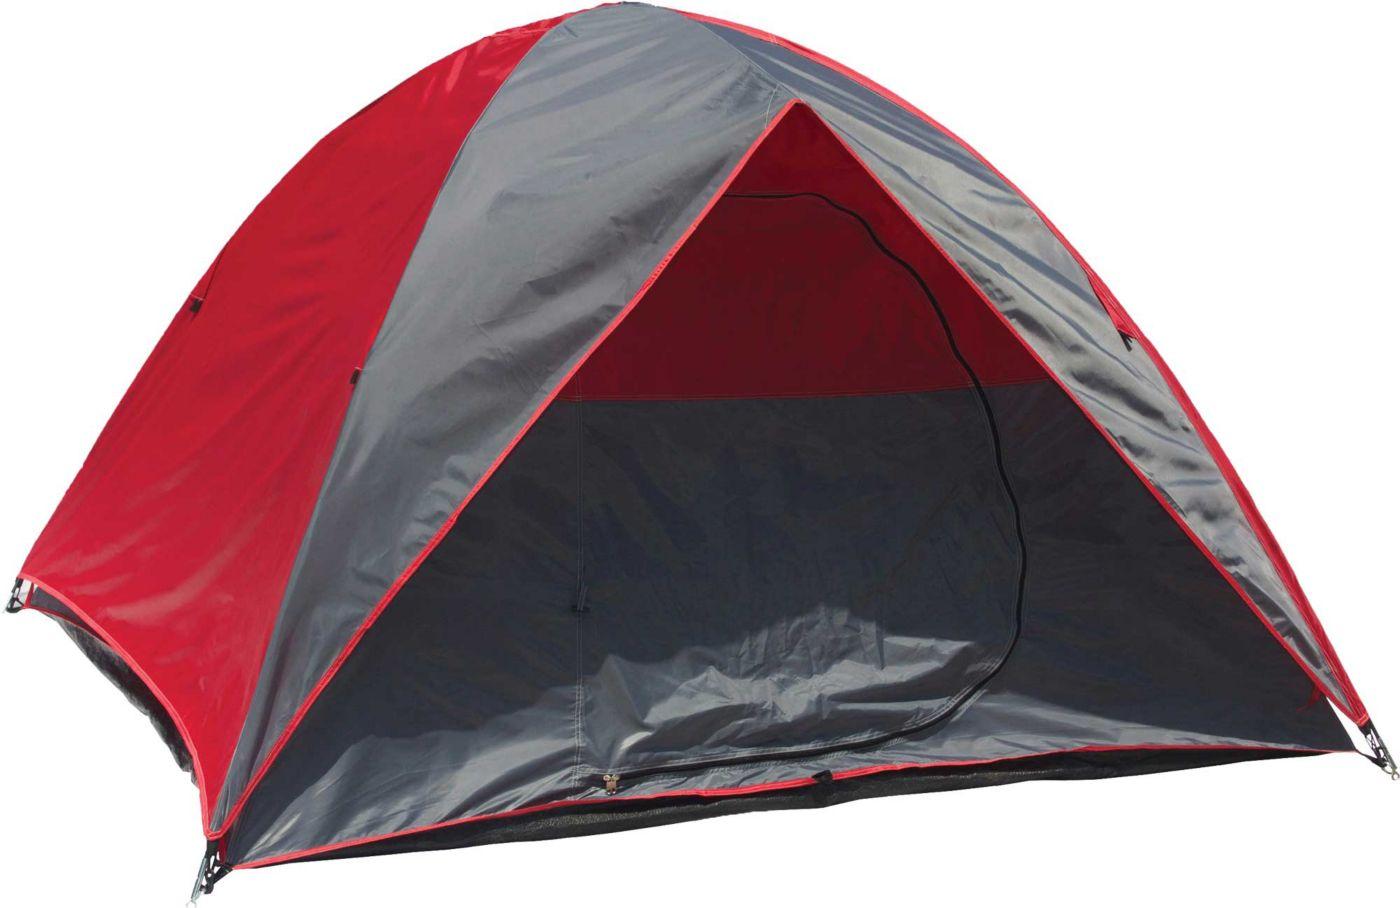 Texsport Lost Lake Square Dome 3-Person Tent